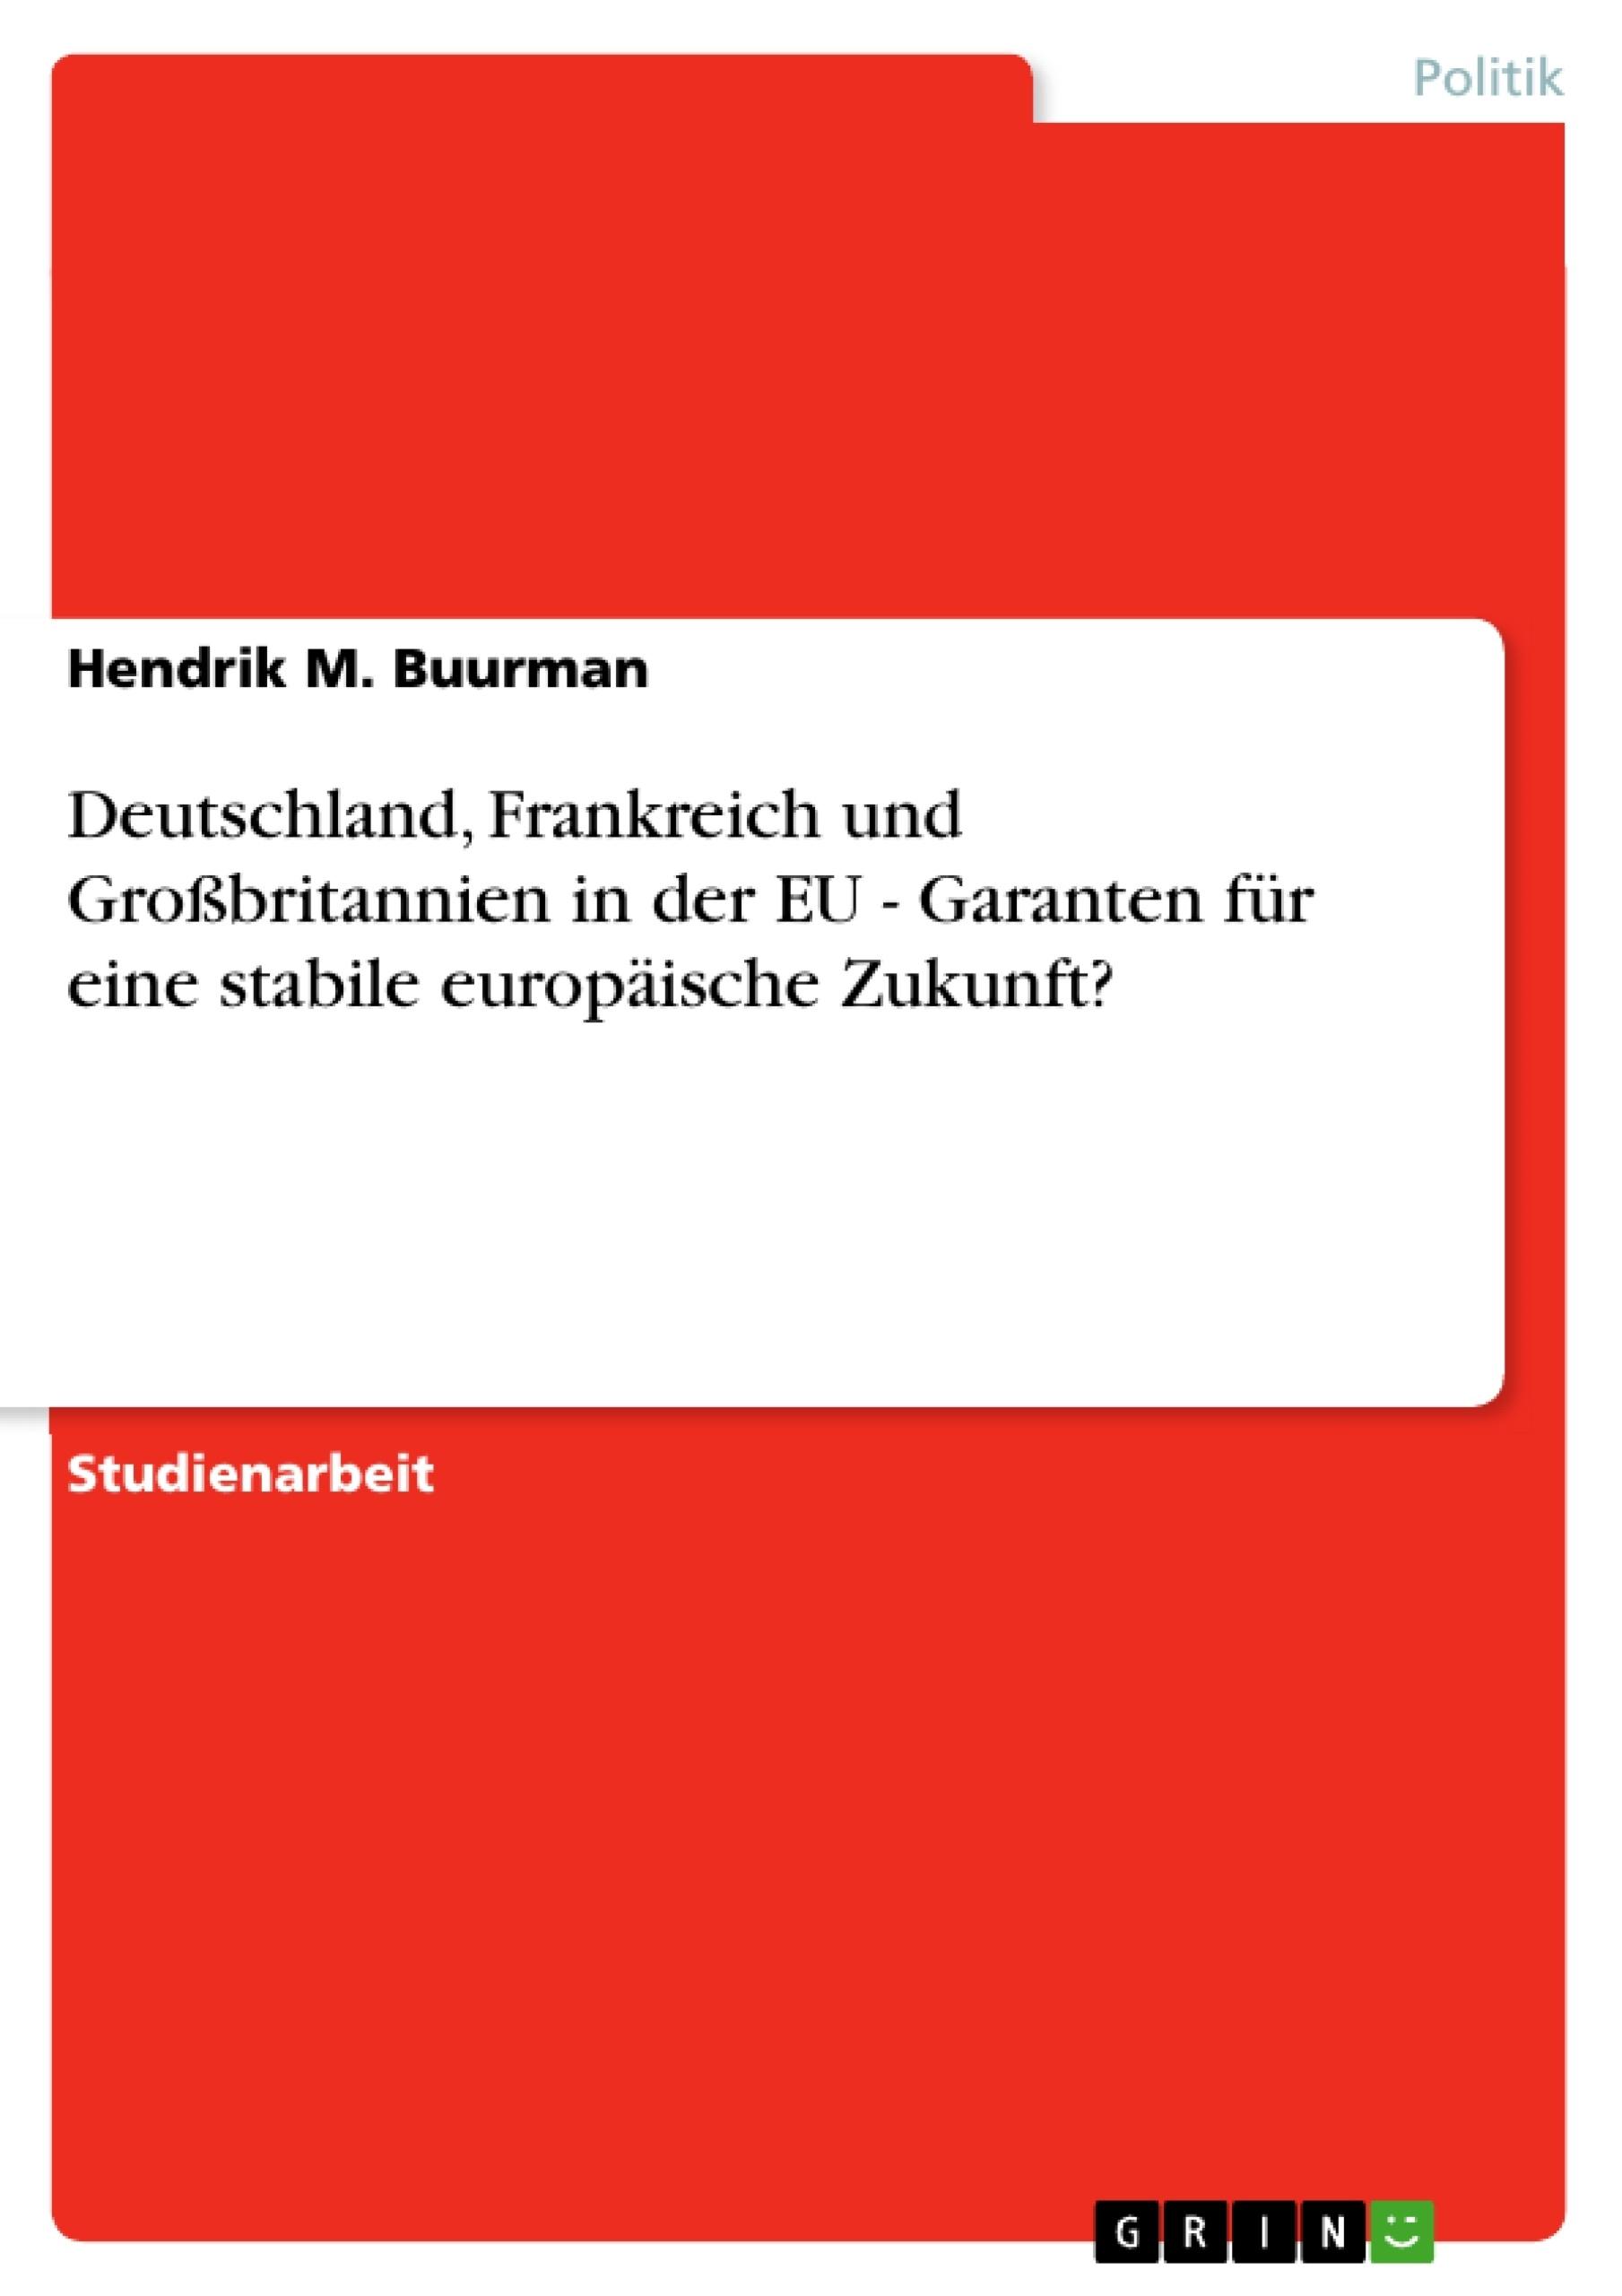 Titel: Deutschland, Frankreich und Großbritannien in der EU - Garanten für eine stabile europäische Zukunft?